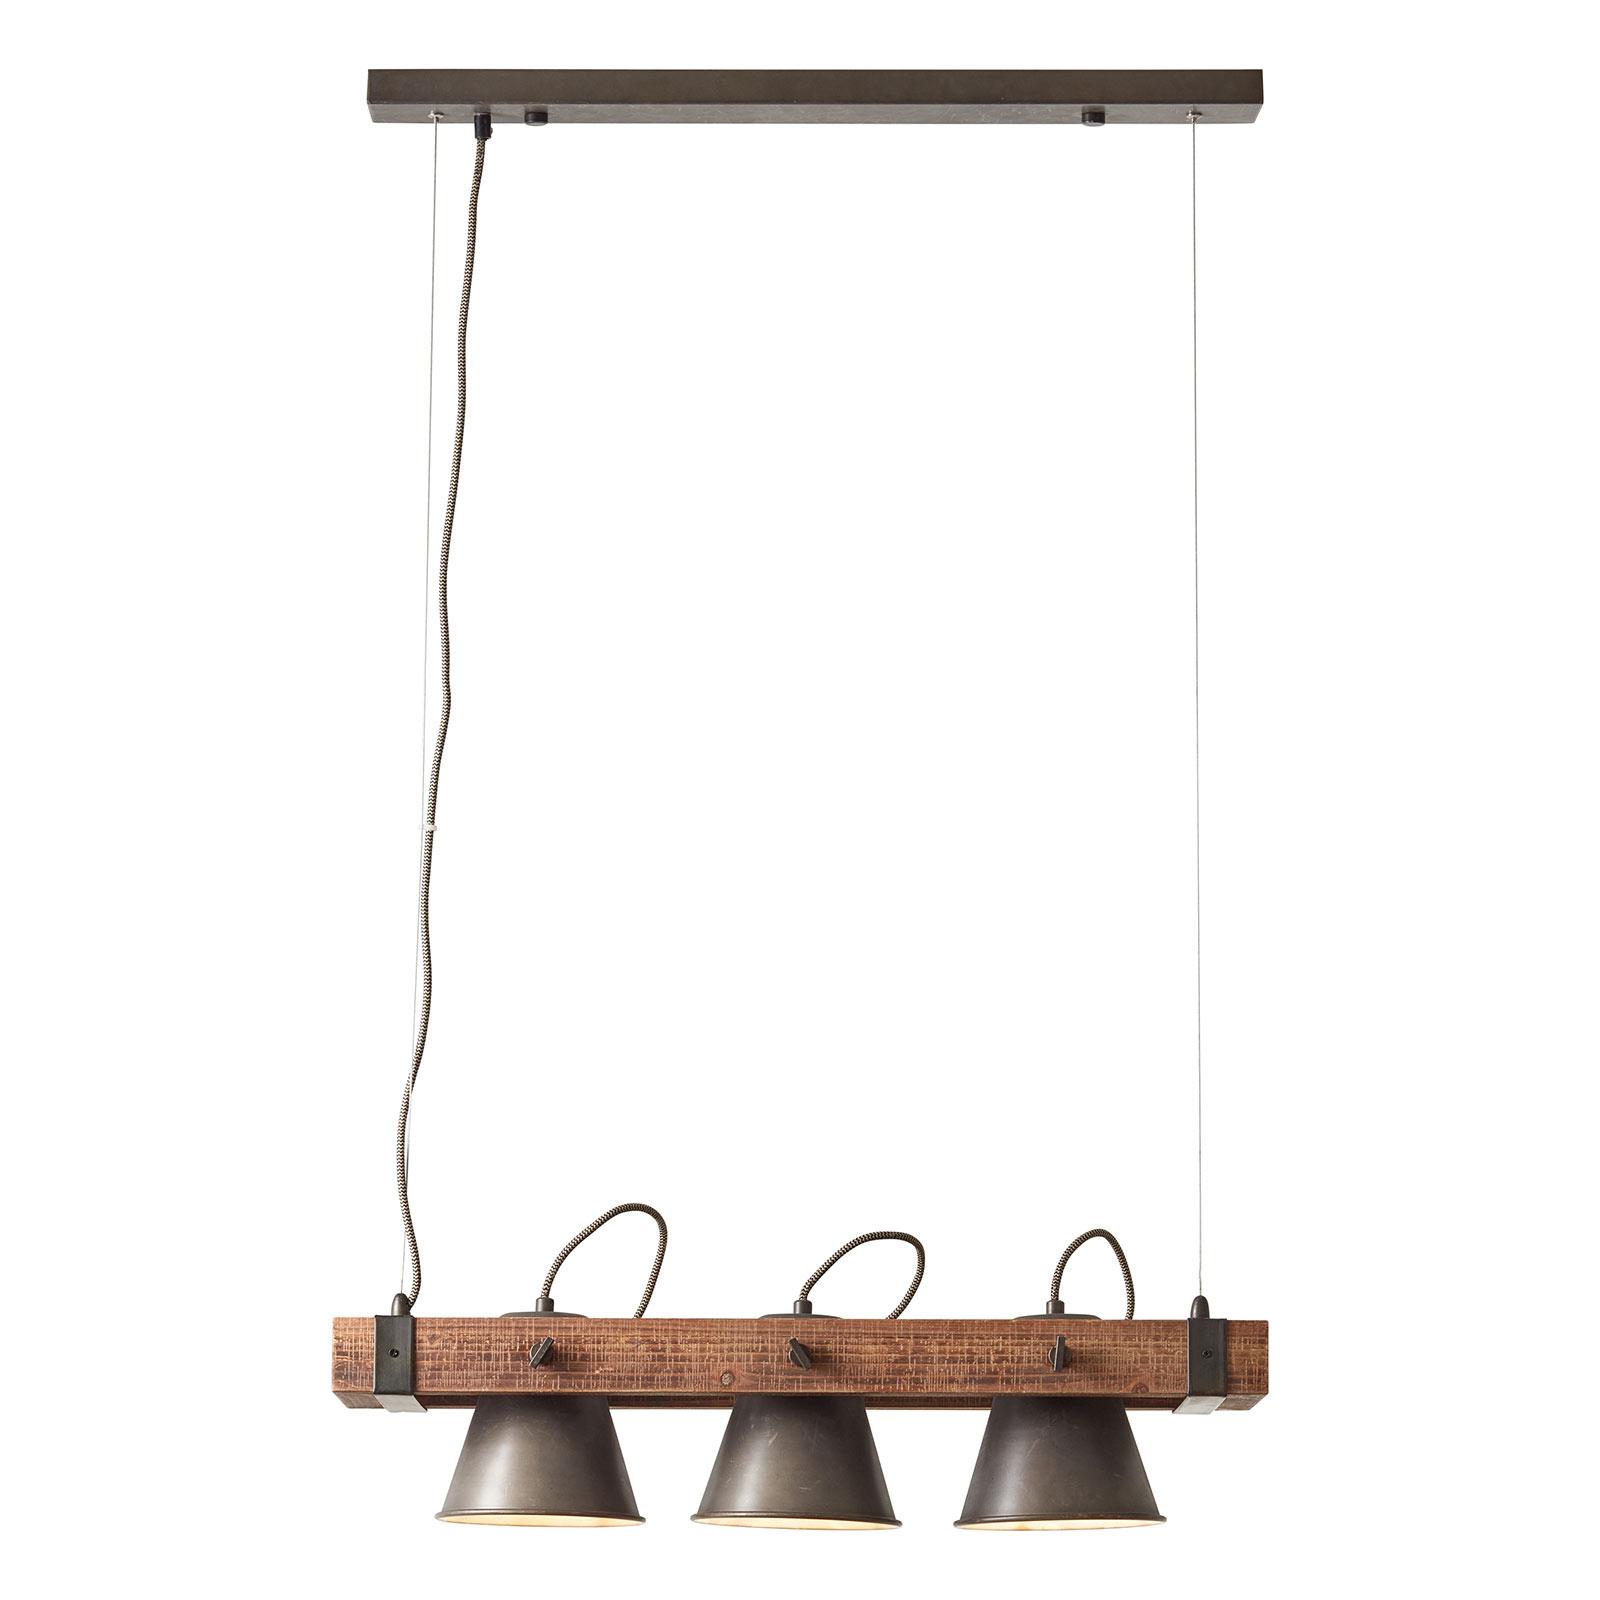 Lampa wisząca Plow 3-punktowa czarna/ciemne drewno